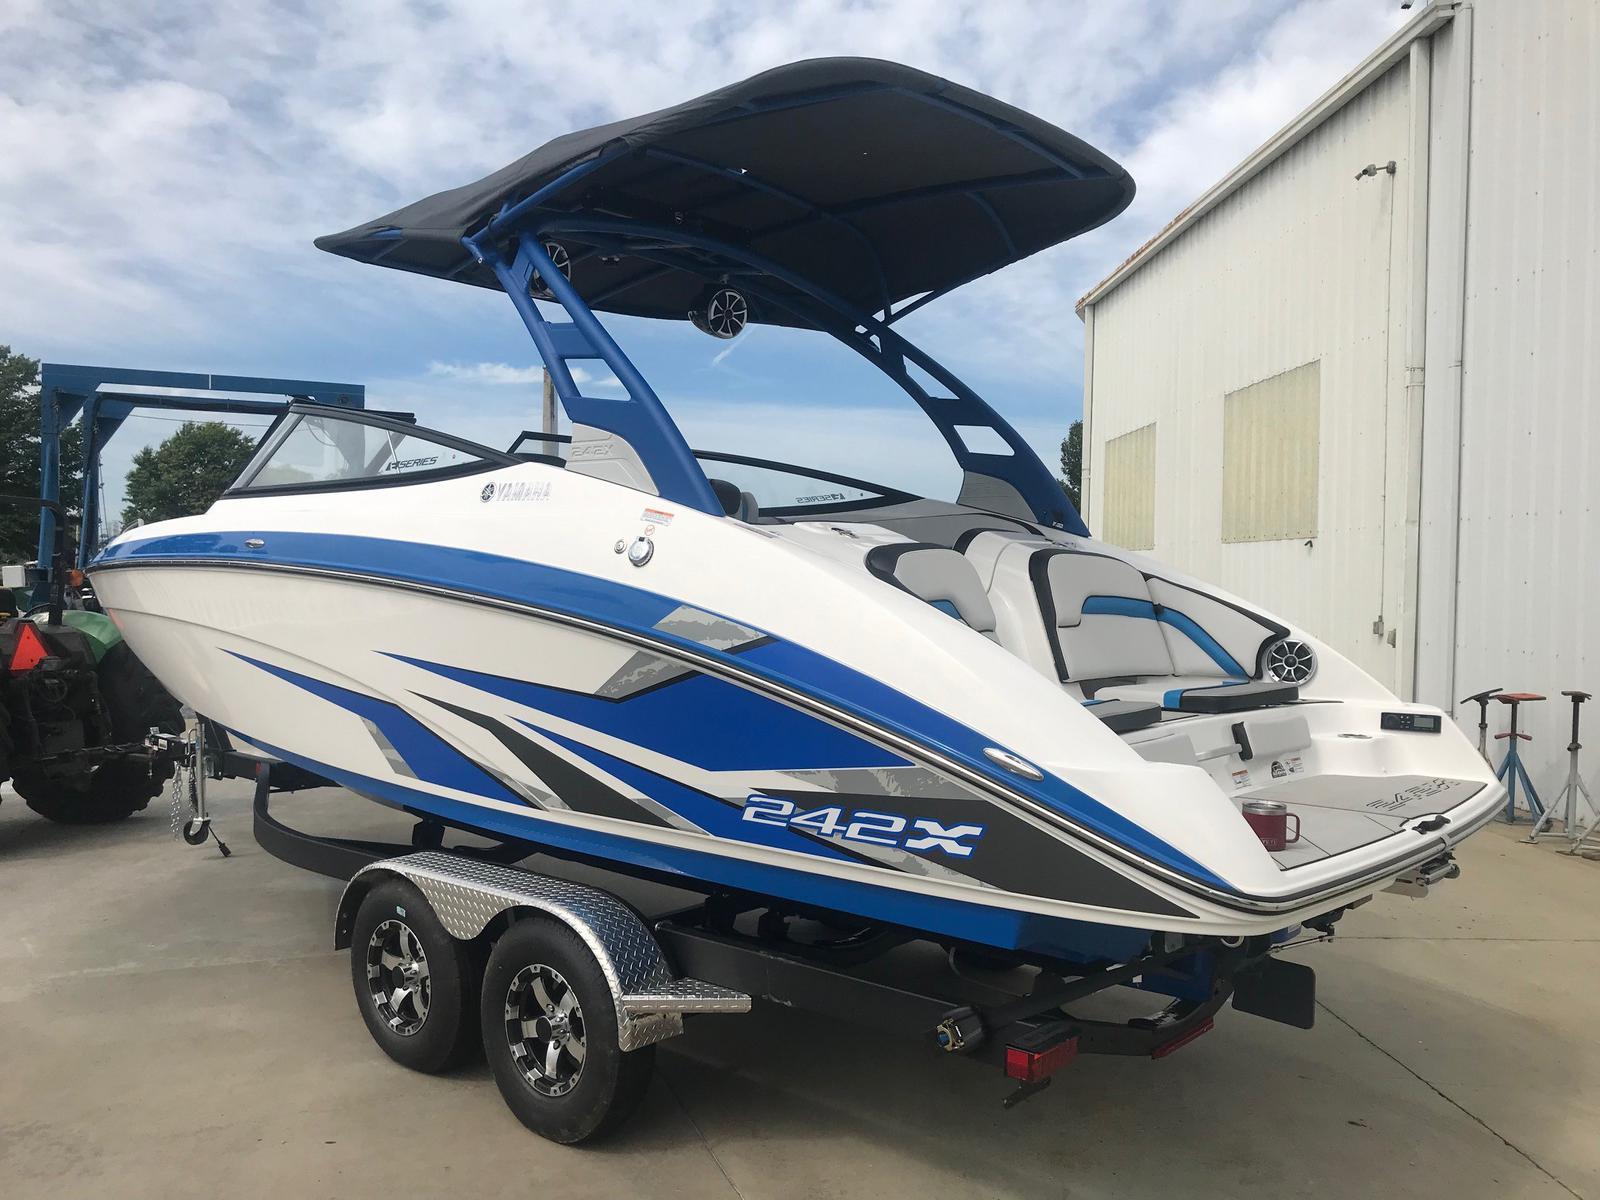 Yamaha Boats 242 XE